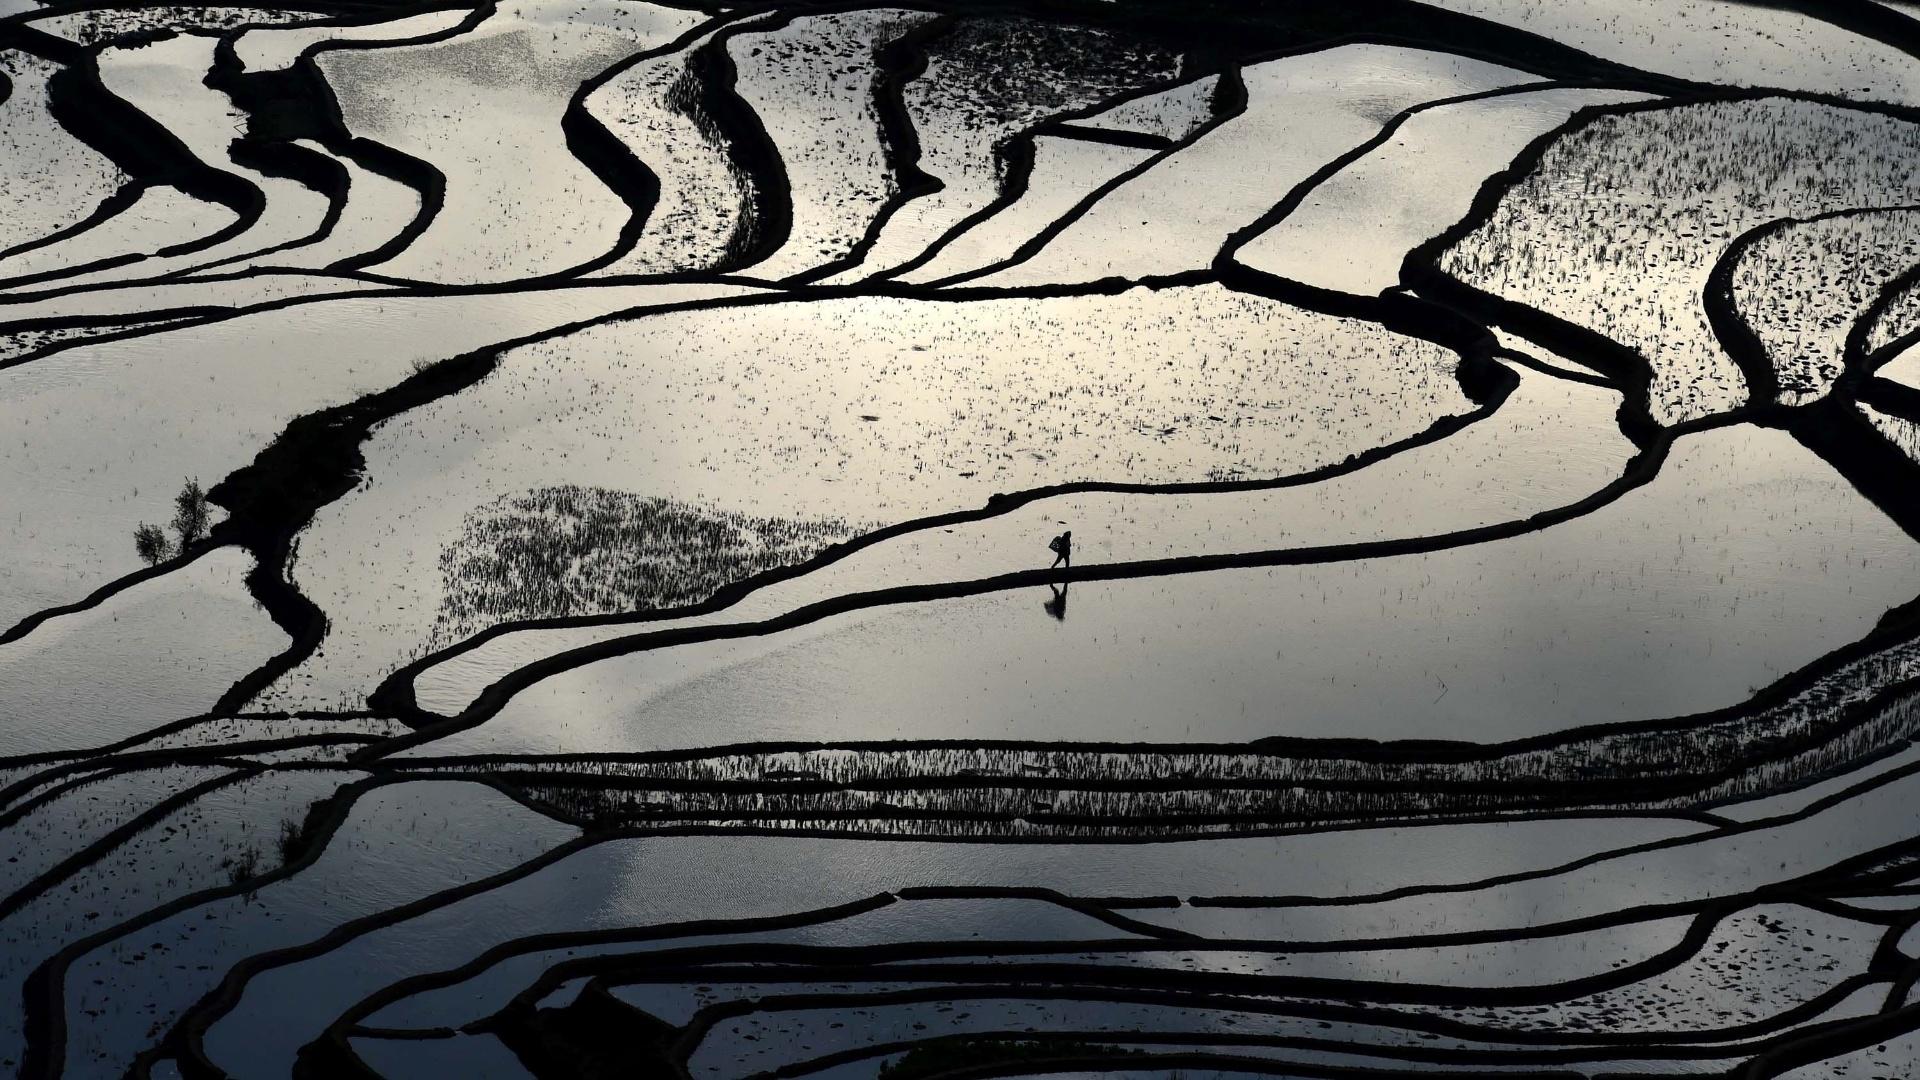 Lin Yiguang/Xinhua